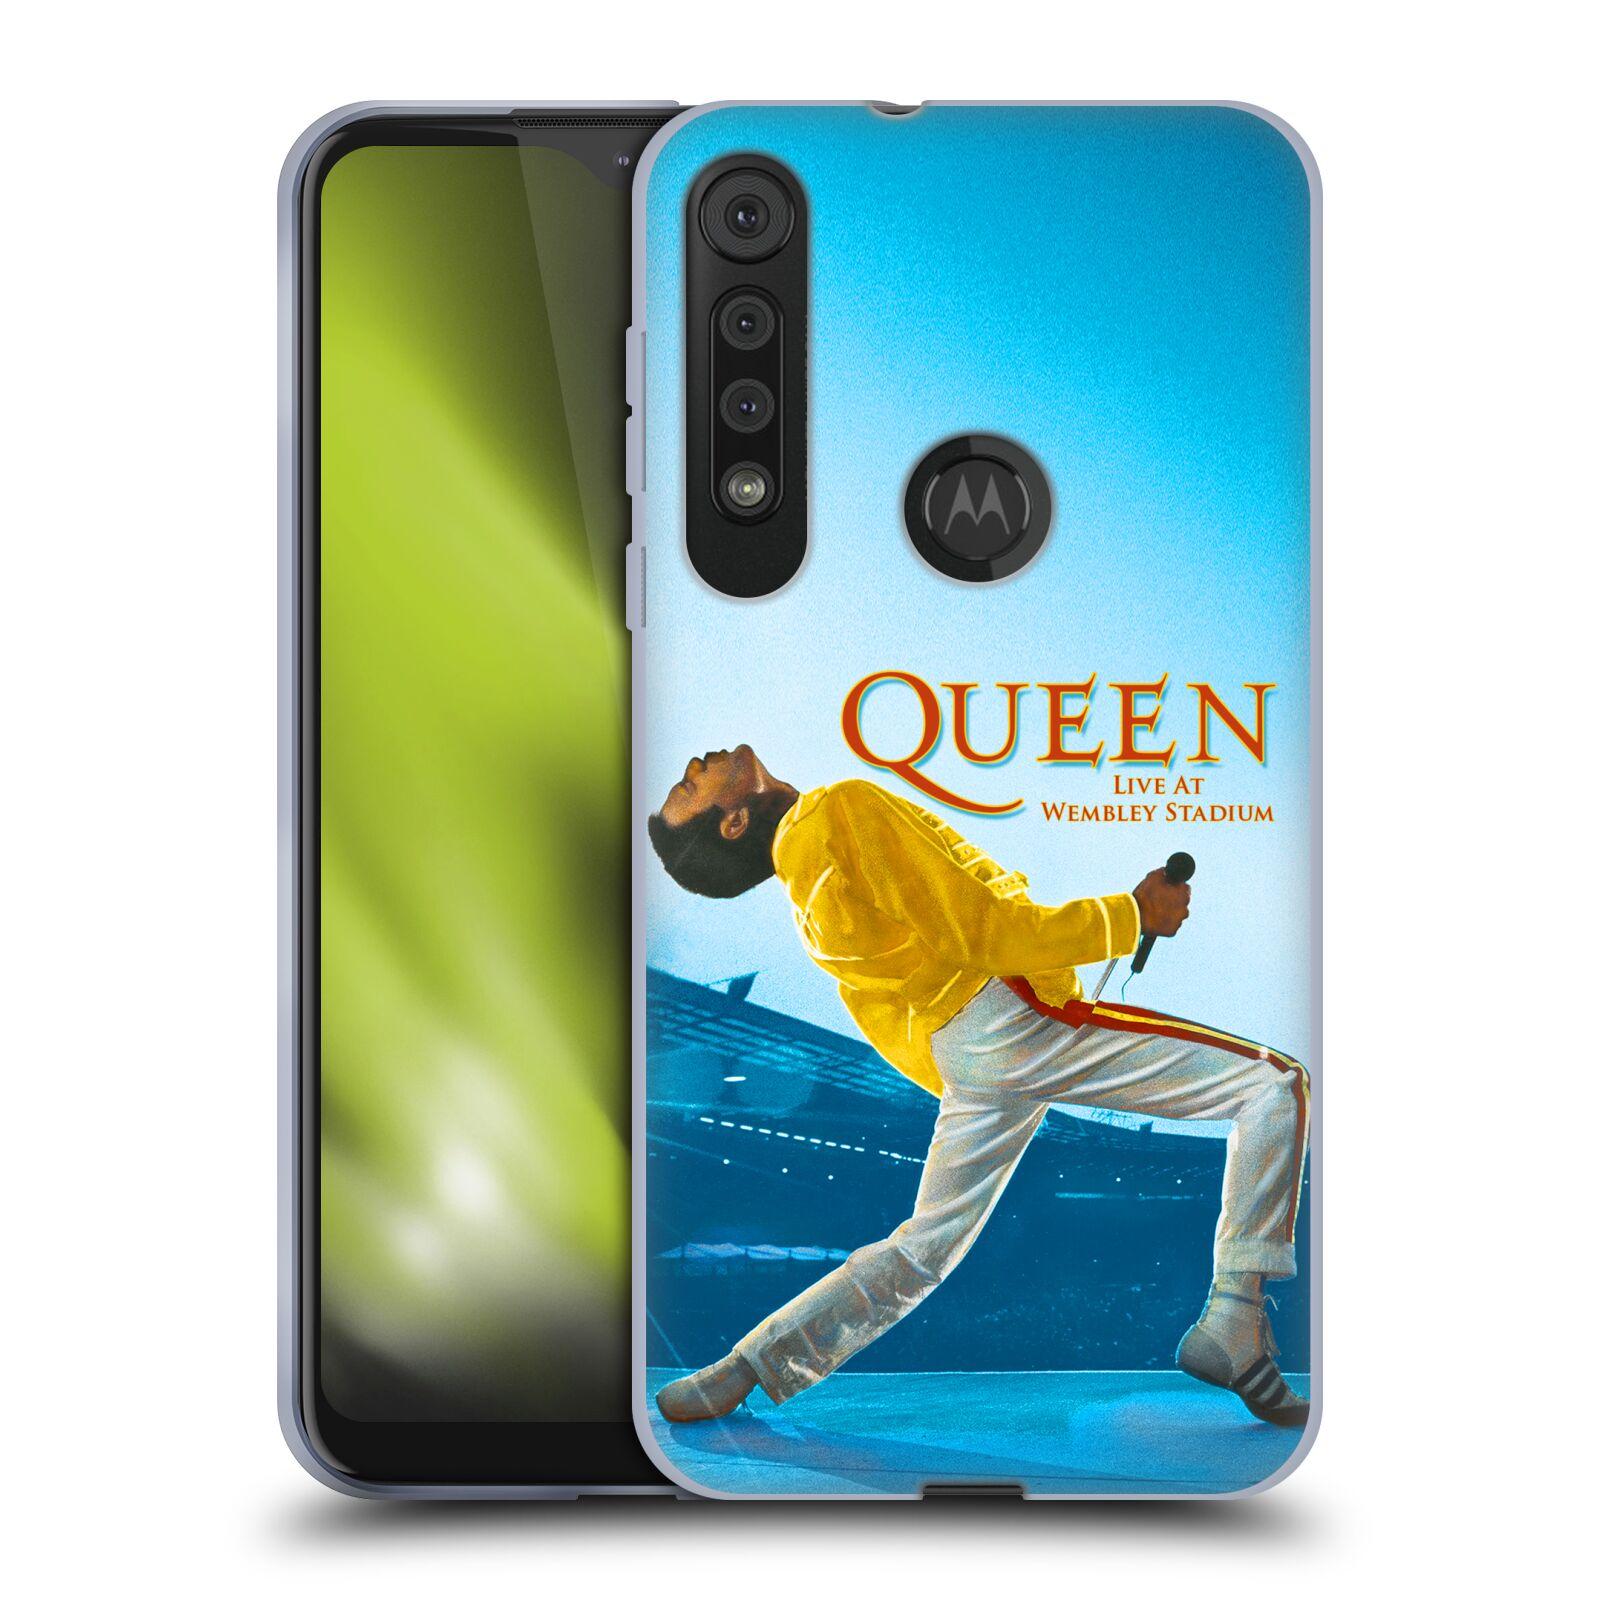 Silikonové pouzdro na mobil Motorola One Macro - Head Case - Queen - Freddie Mercury